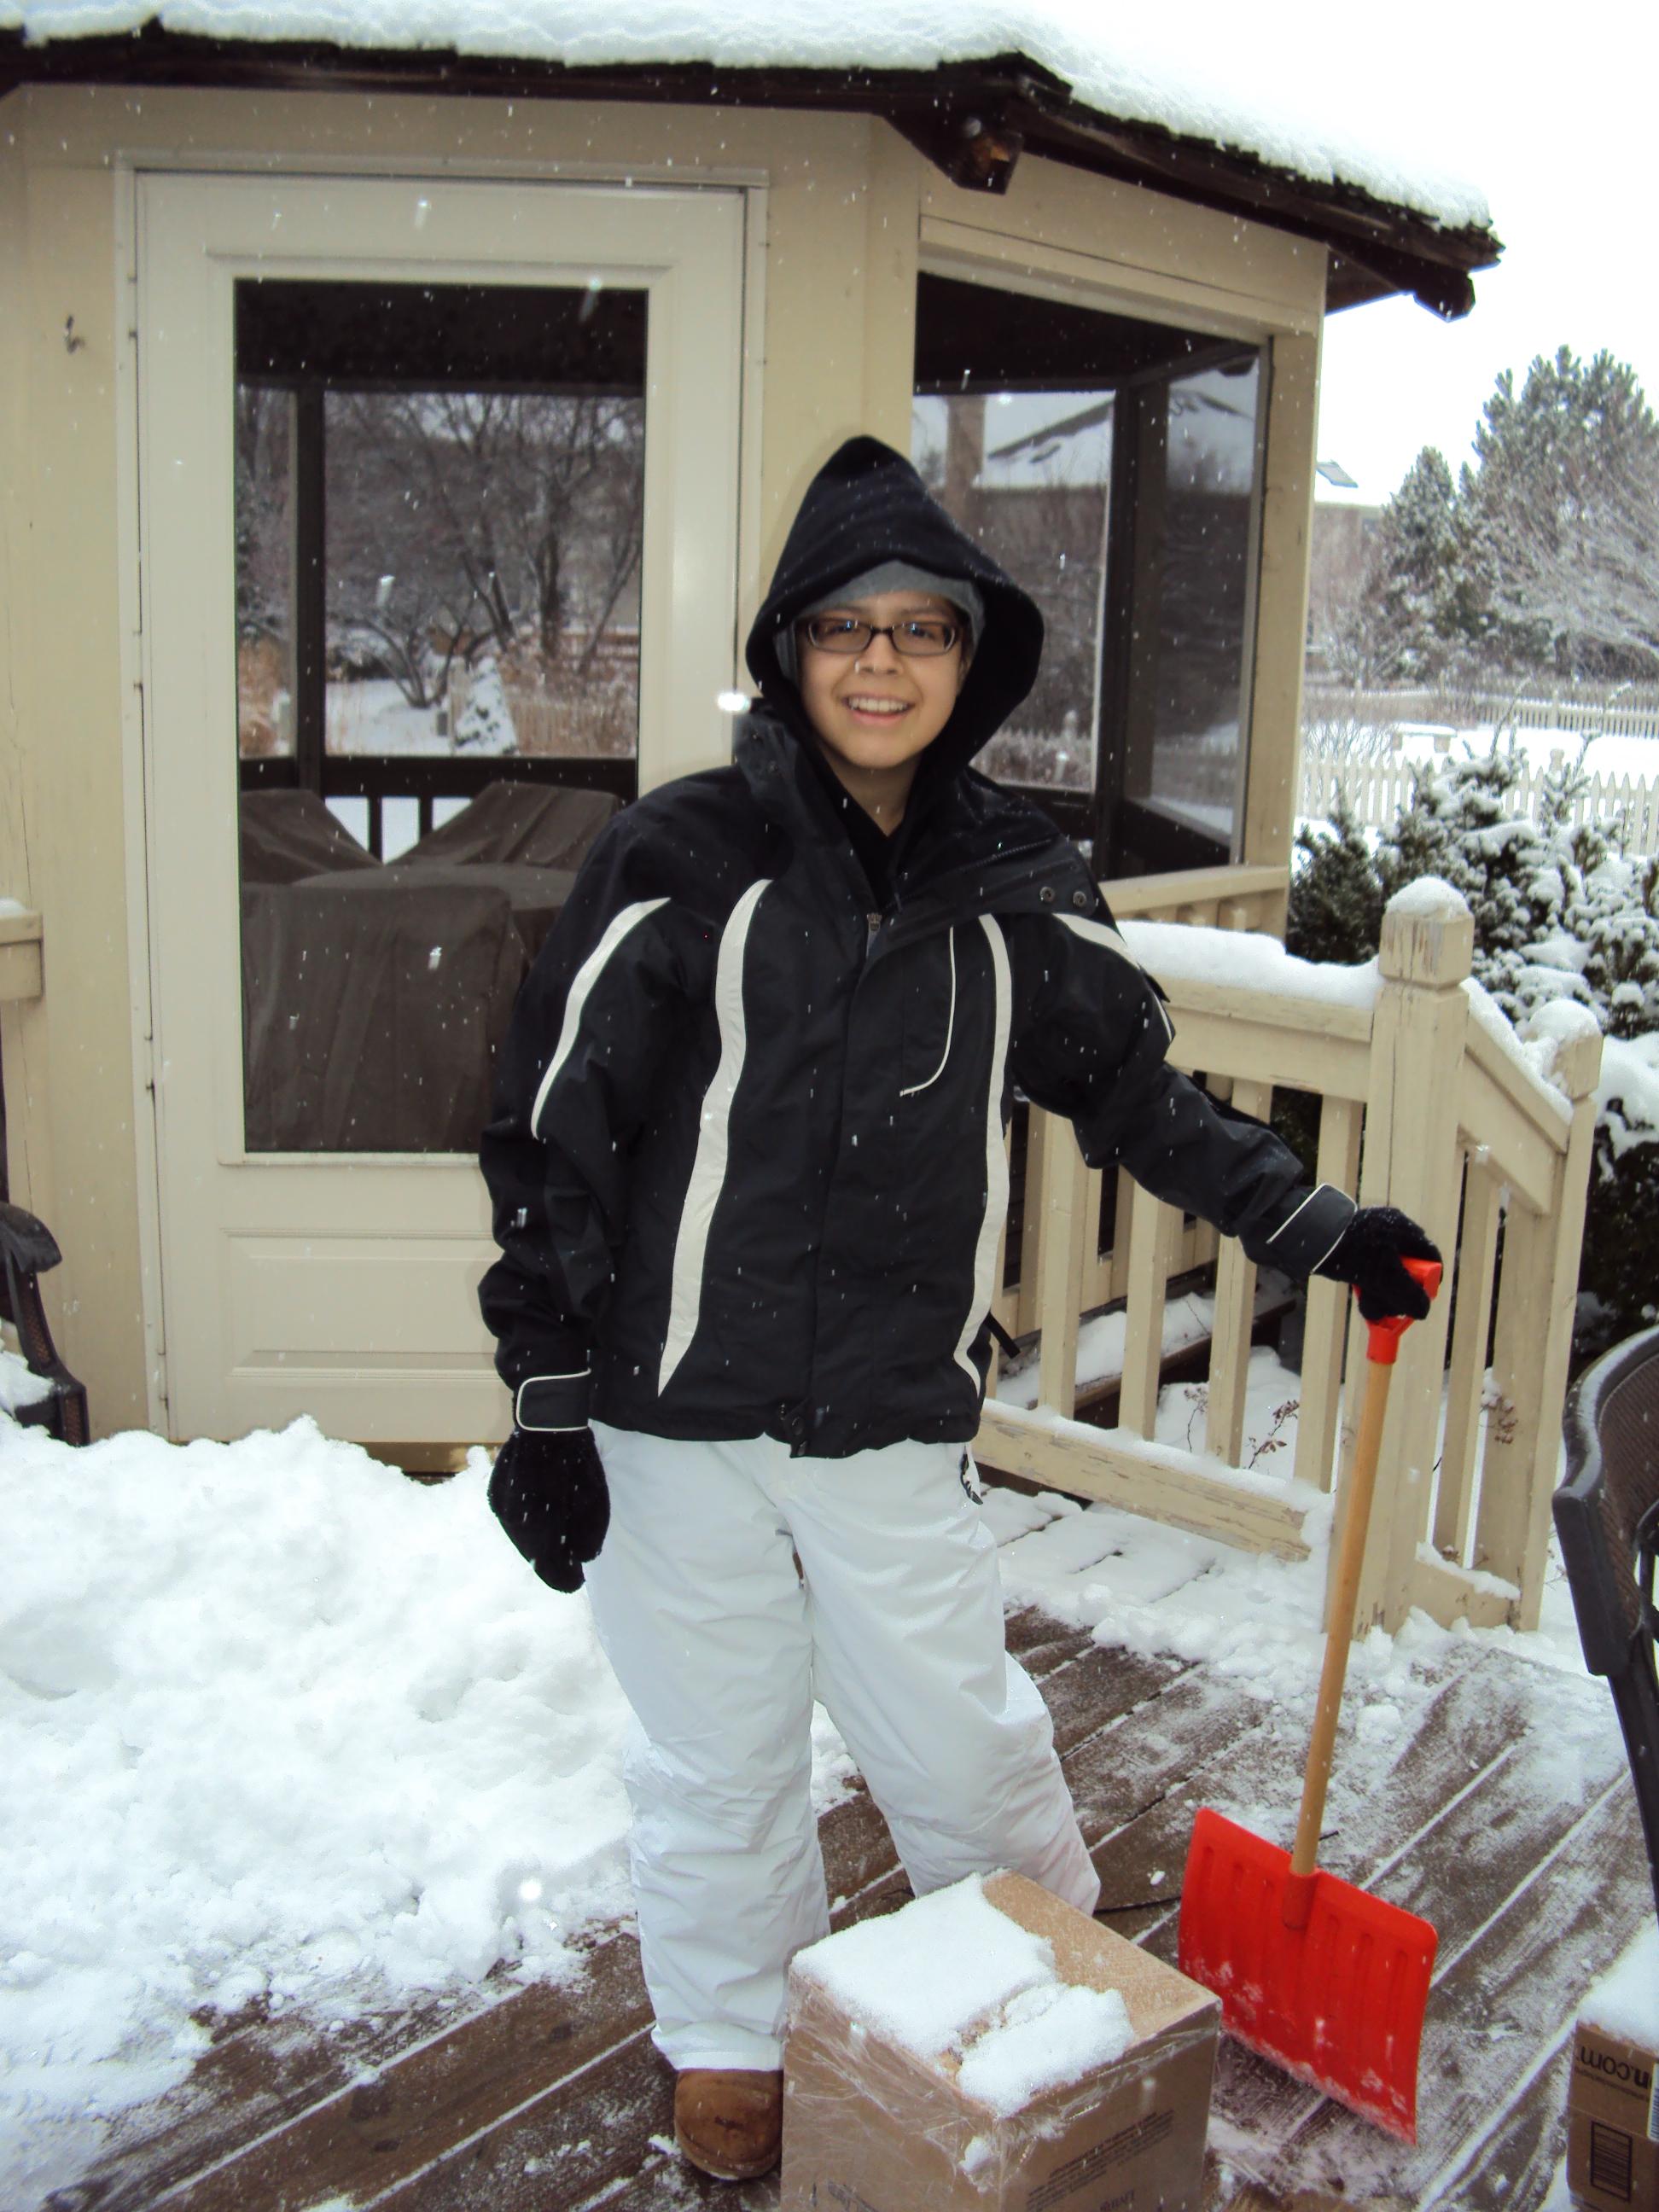 Alyssa shoveling snow_2011.jpg